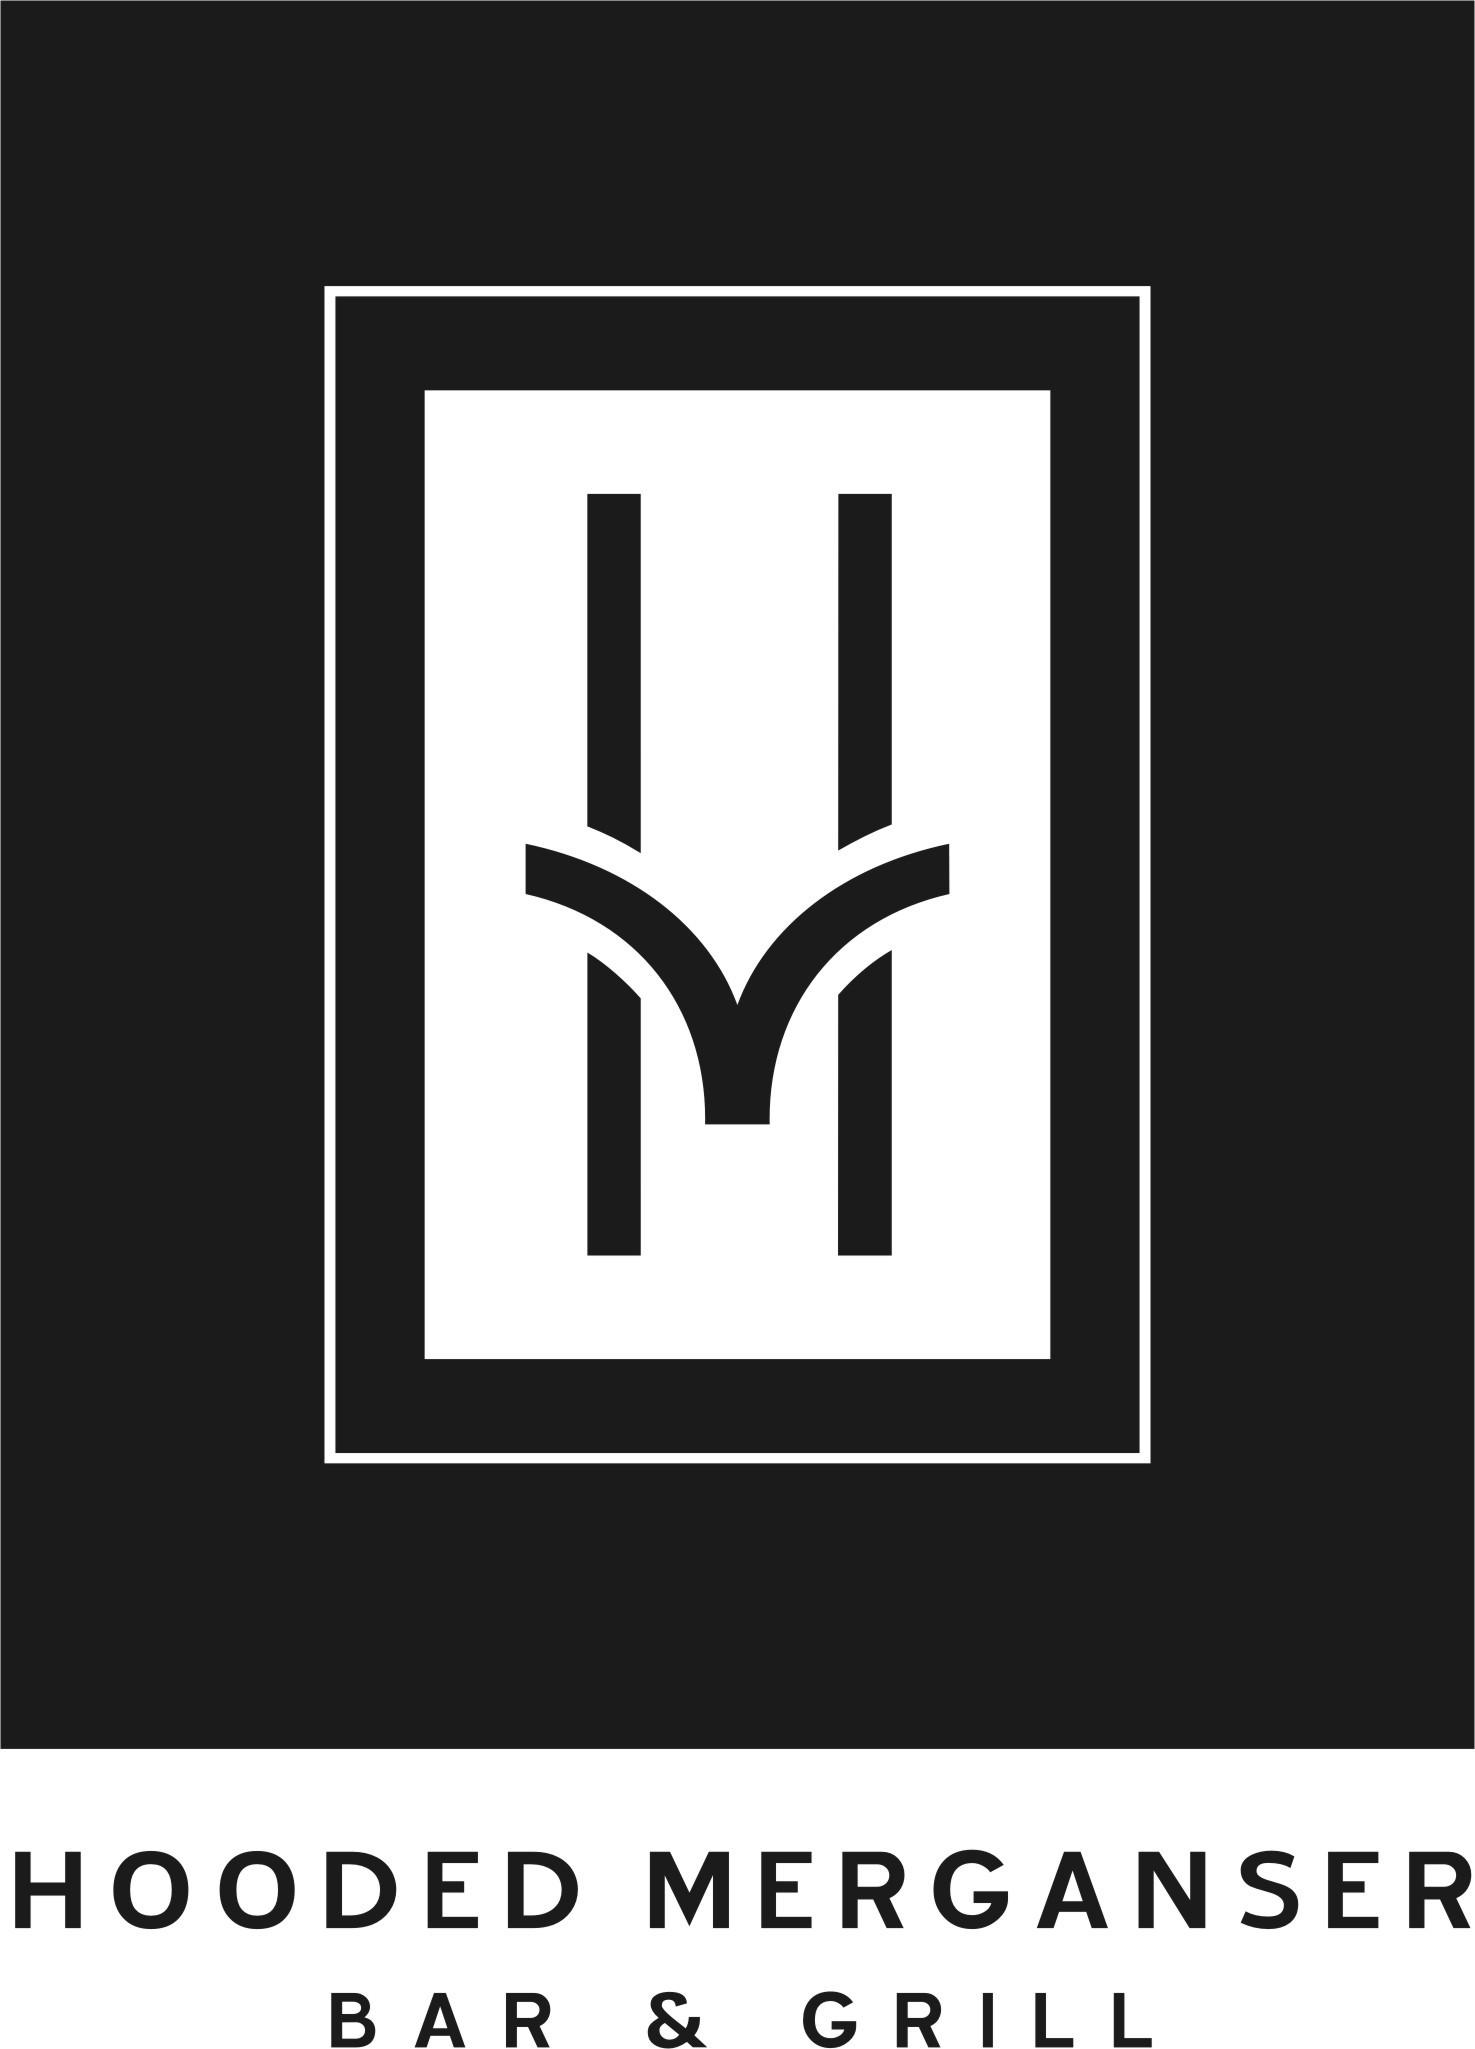 The Hooded Merganser( Black Frame)